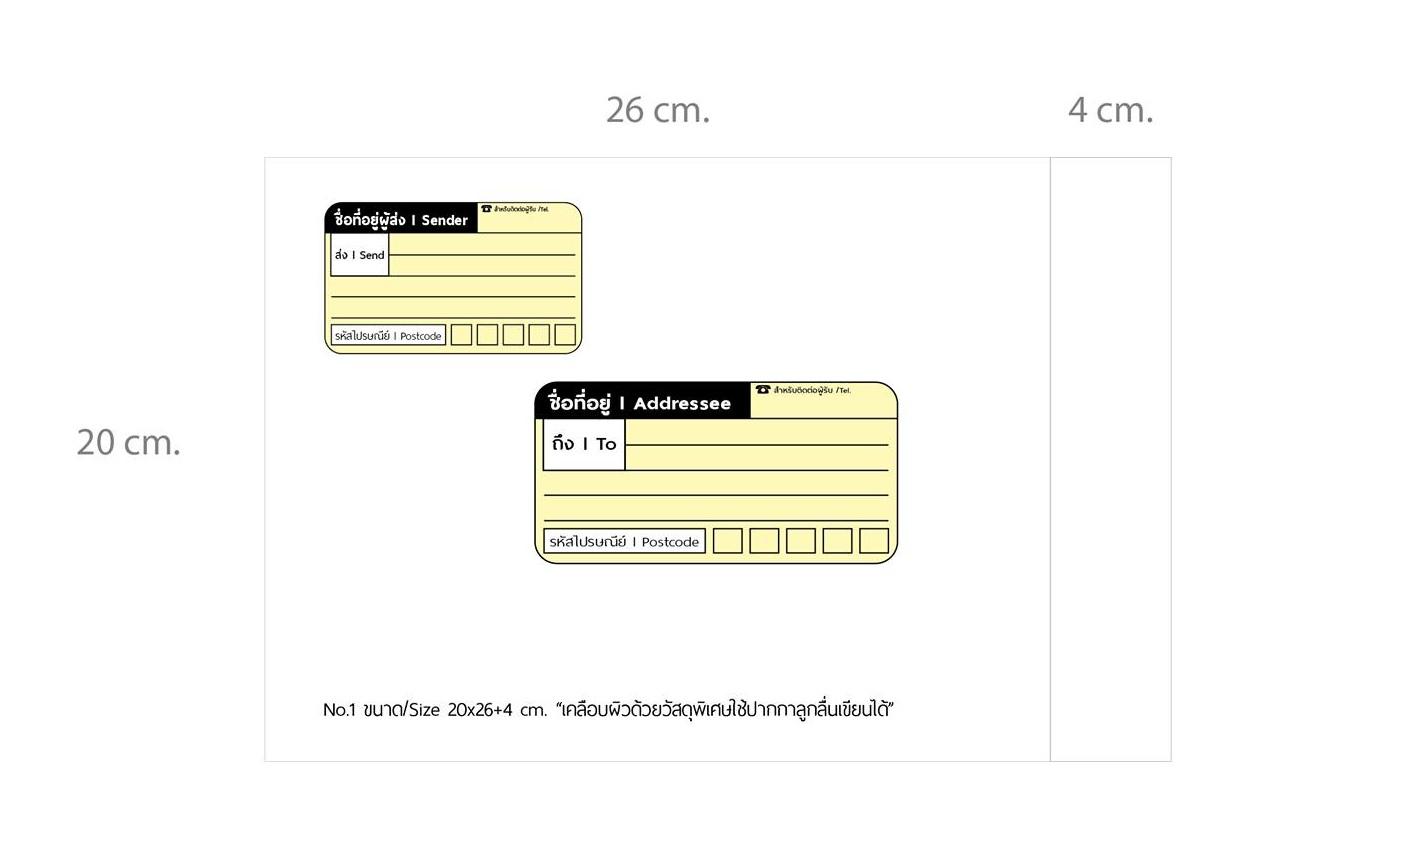 (200ซอง) ซองไปรษณีย์พลาสติกจ่าหน้าซอง ขนาด 20x30 cm + ที่ผนึกซอง 4 cm สีขาวนม เกรด A